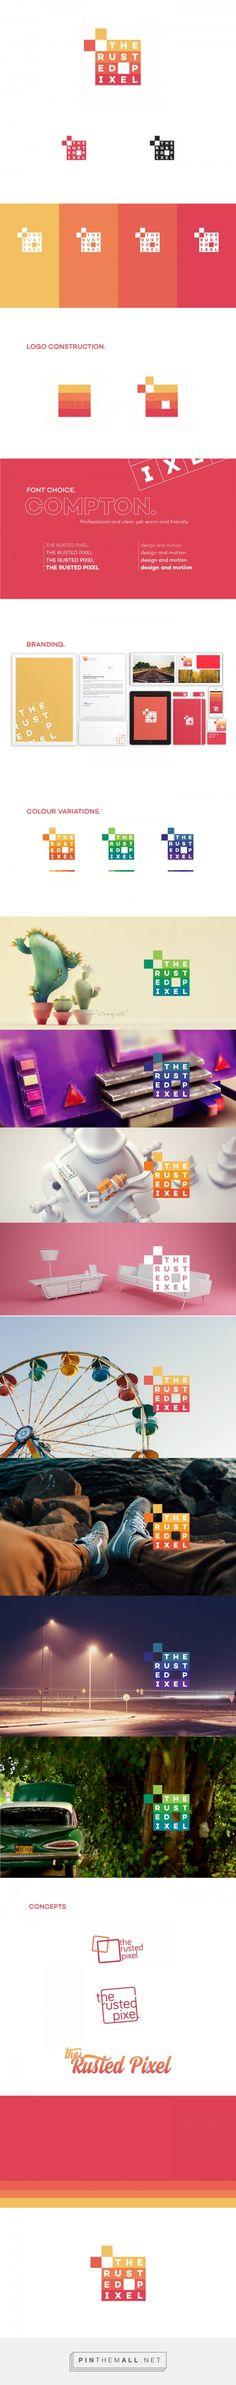 The Rusted Pixel - twenty fifteen rebrand